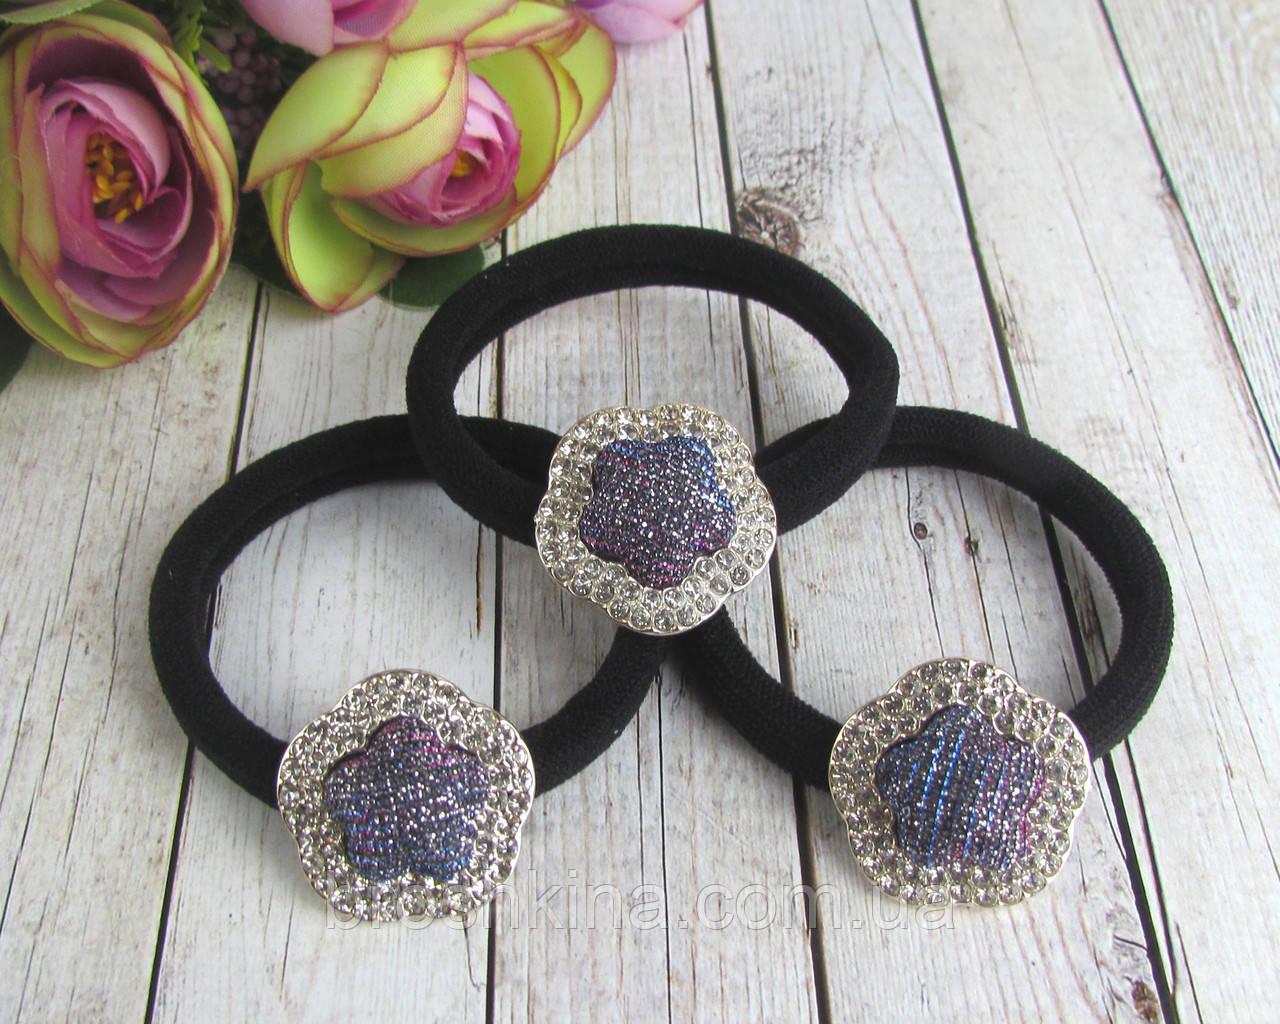 Резинки для волос микрофибра цветочки со стразами 12 шт/уп